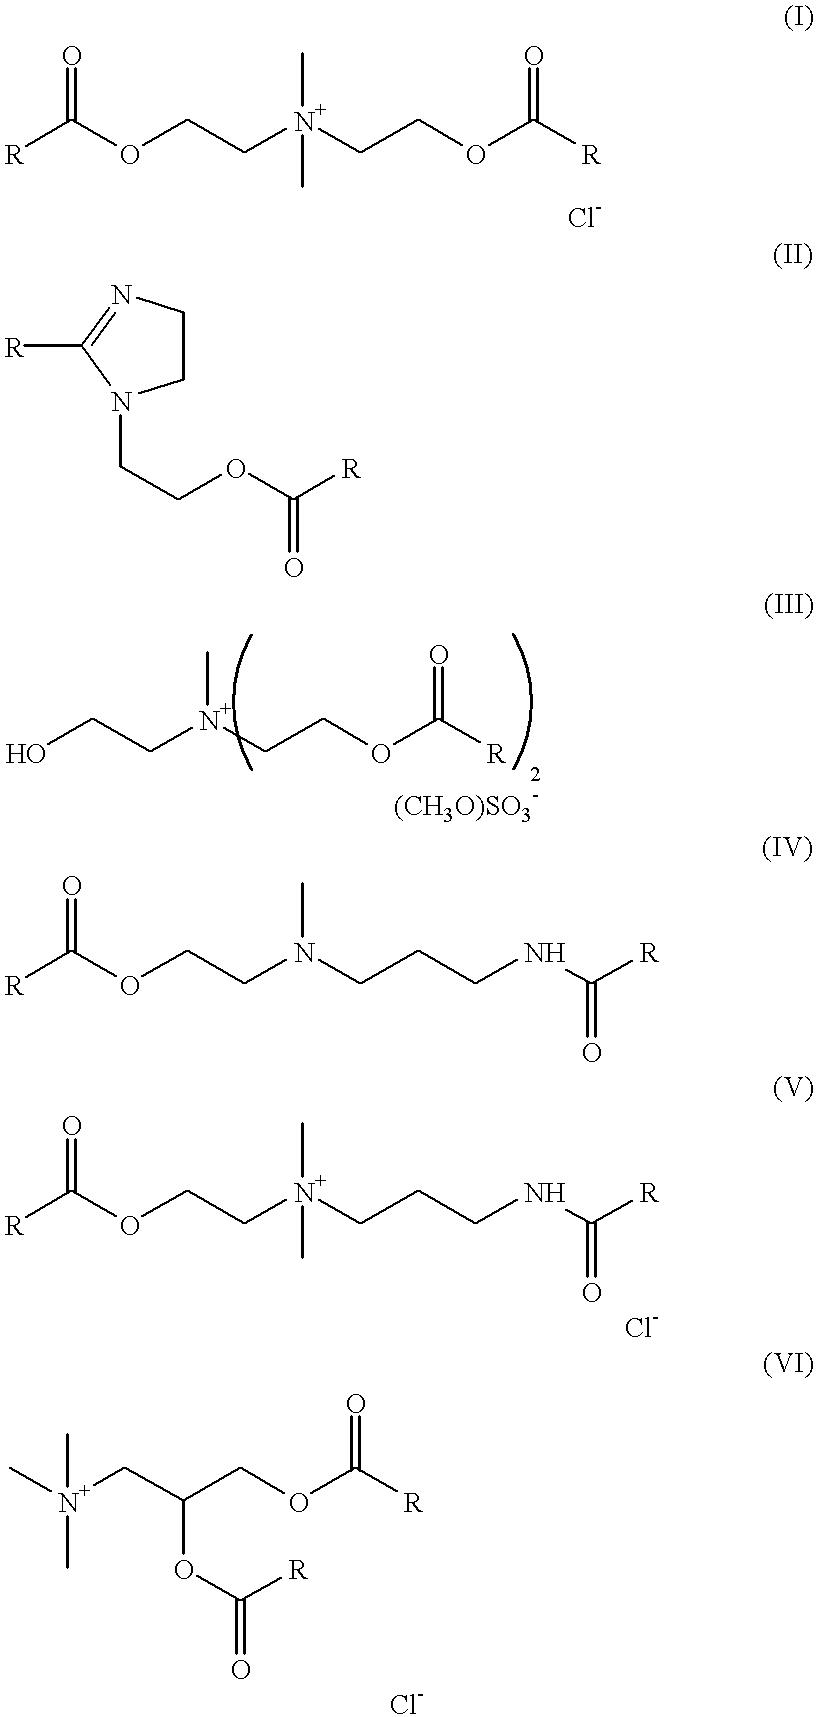 Figure US20020007519A1-20020124-C00001